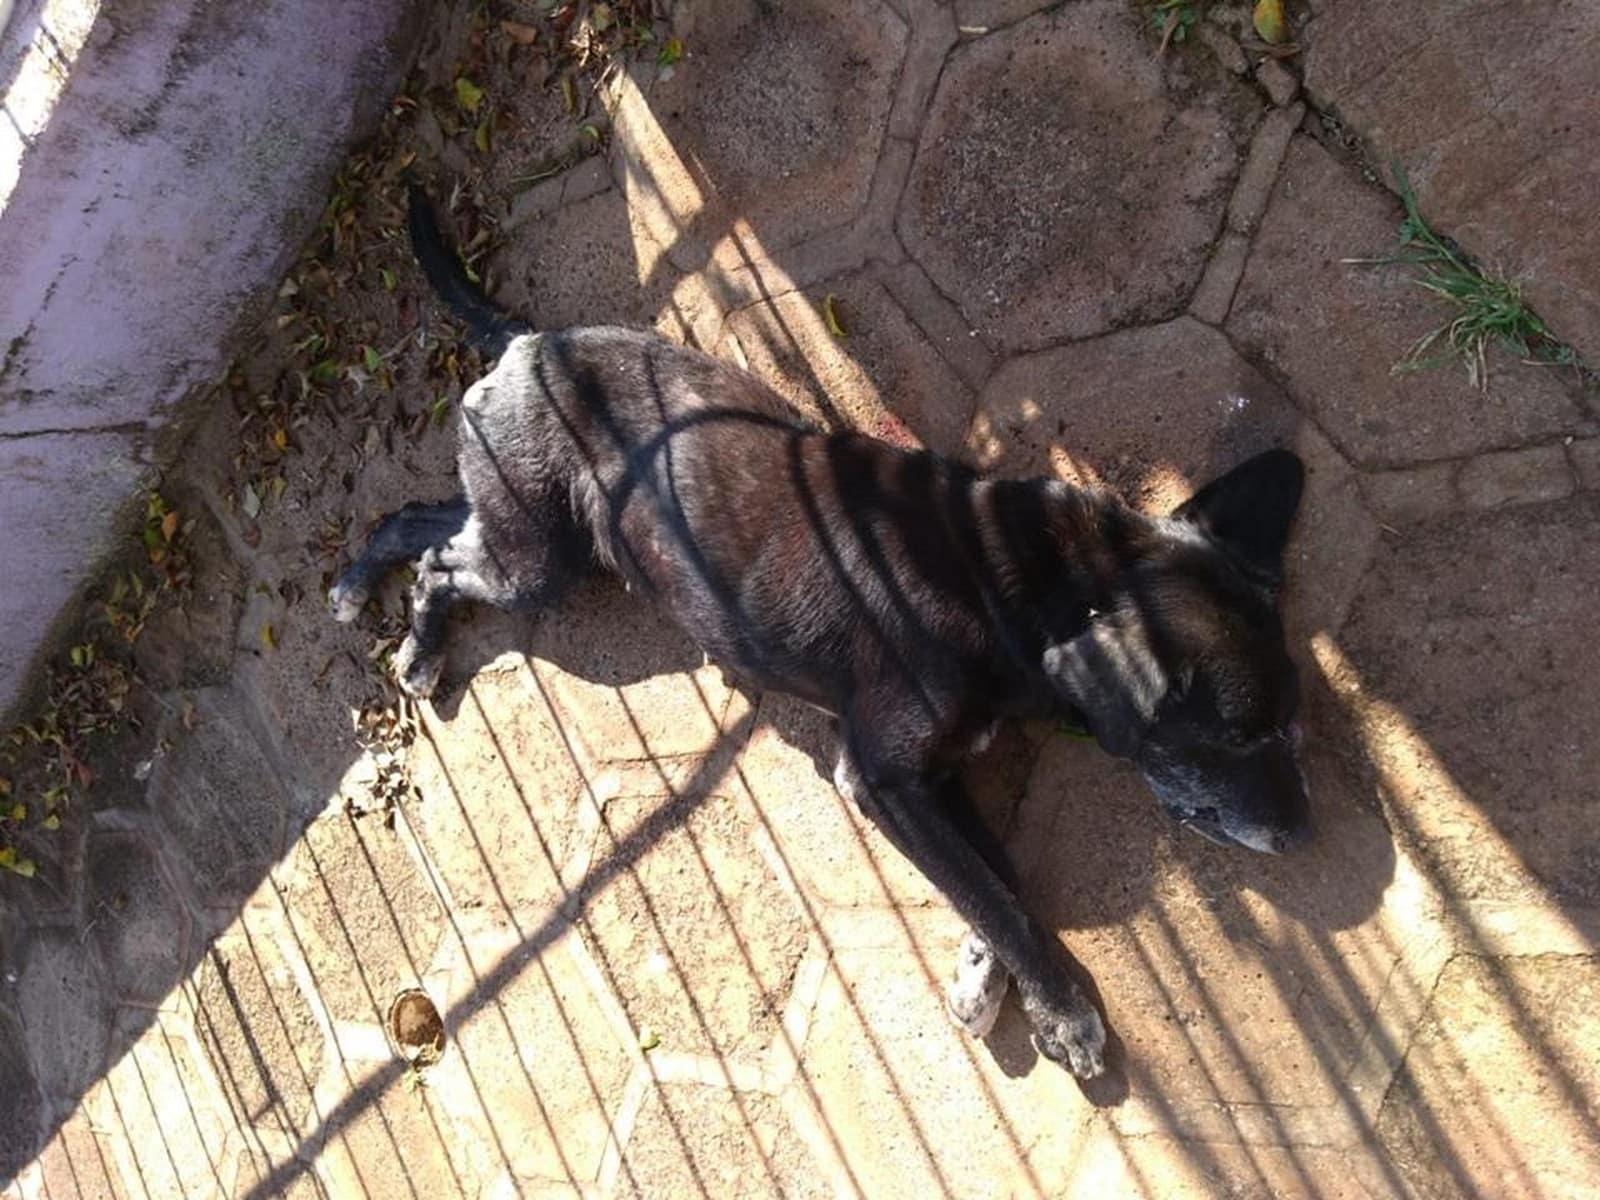 Cachorro foi morto com tiro em São Luiz Gonzaga — Foto: Katyusse Gabert/Arquivo pessoal